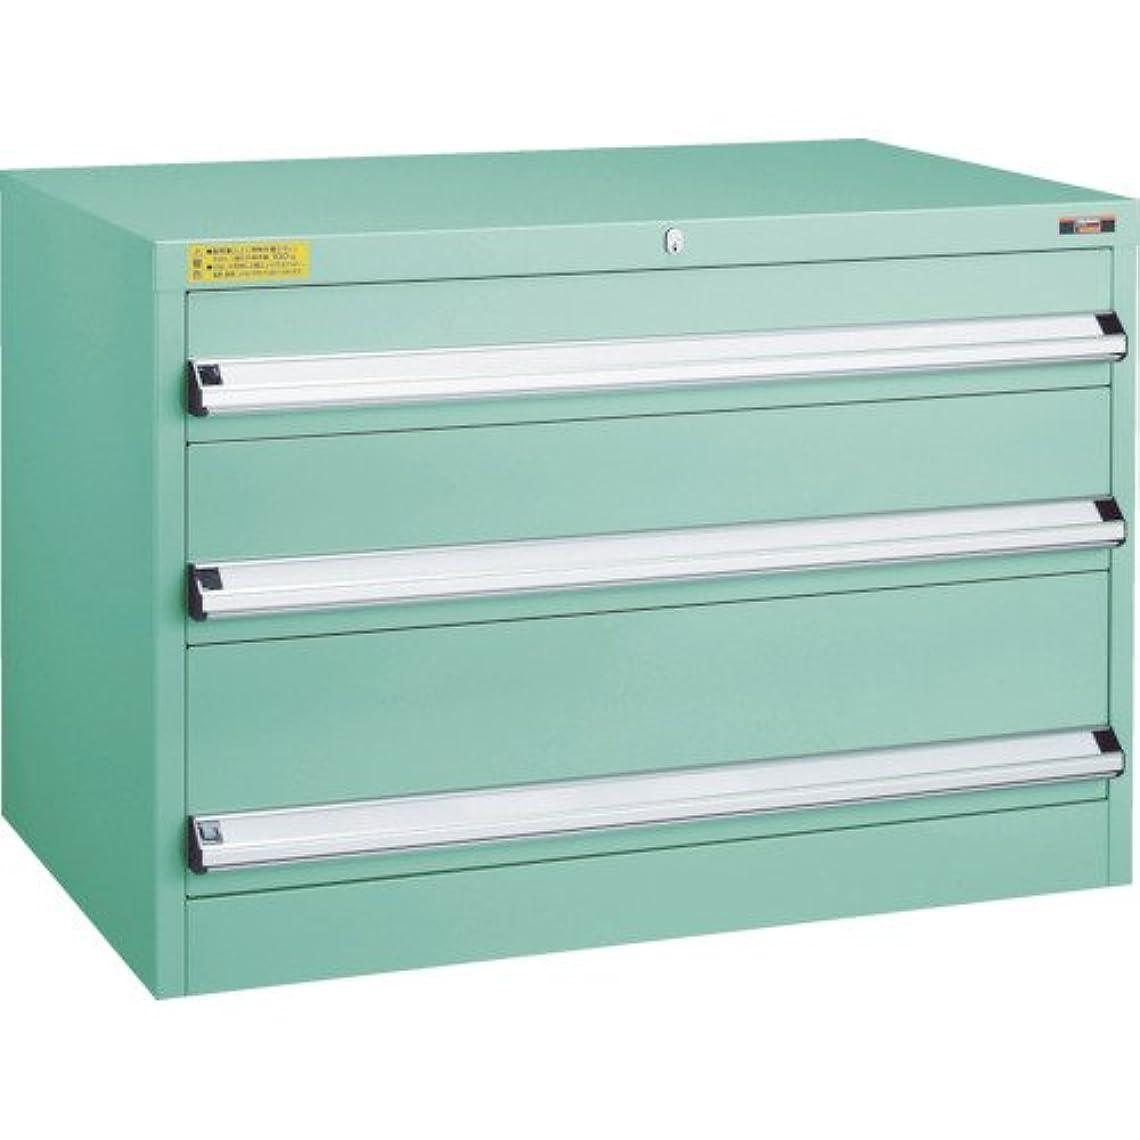 許可省スポンジトラスコ VE9S型キャビネット 880X550XH600 引出3段 VE9S-603